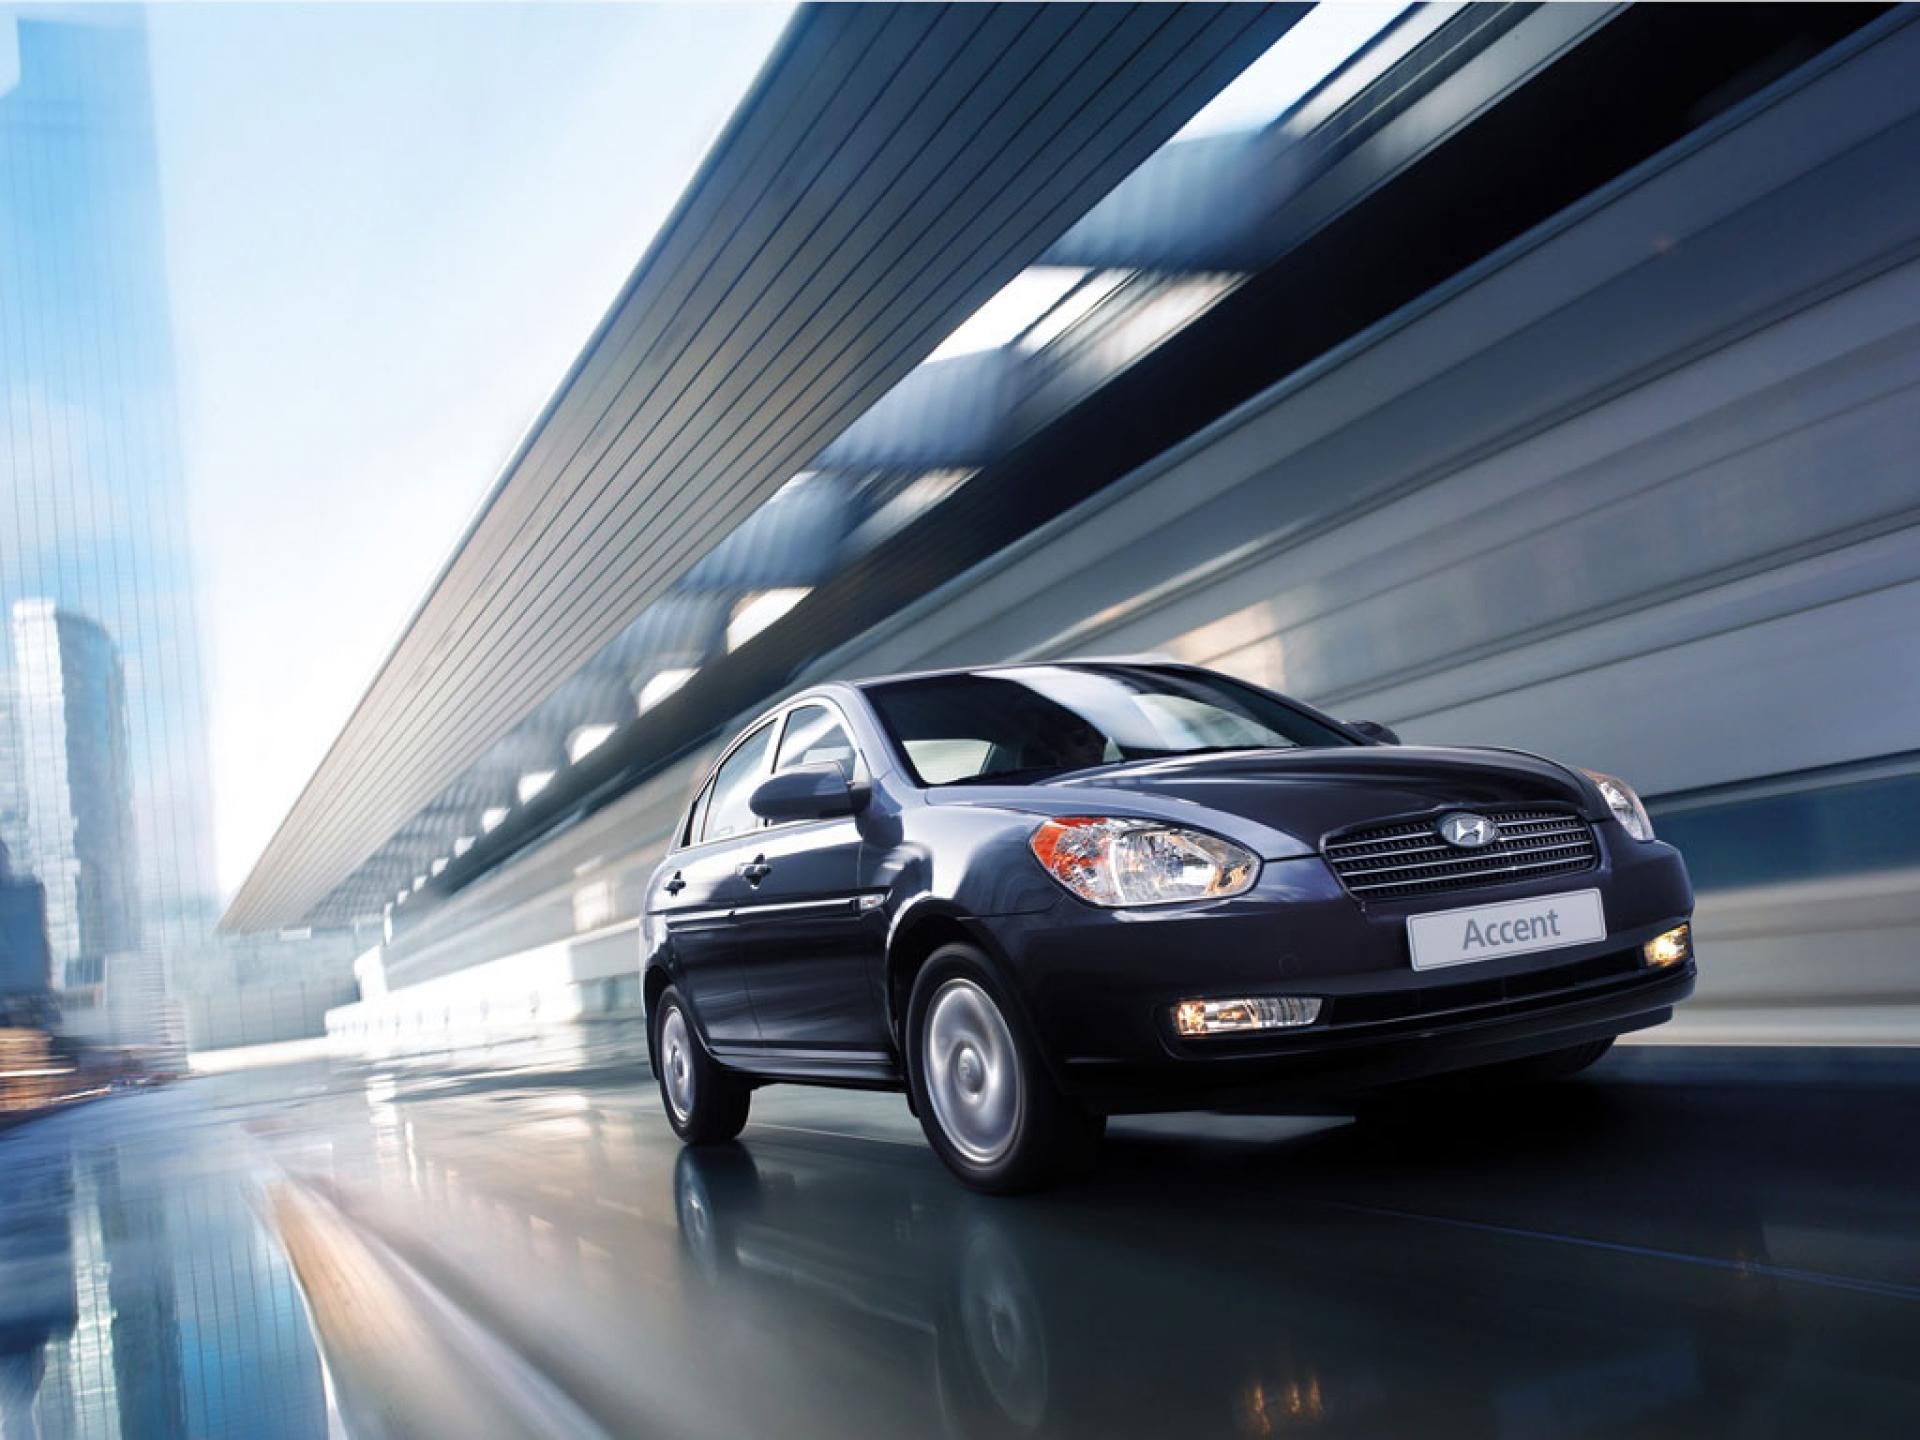 Ultra HD Hyundai Accent Wallpapers V5G43PR WallpapersExpertcom 1920x1440